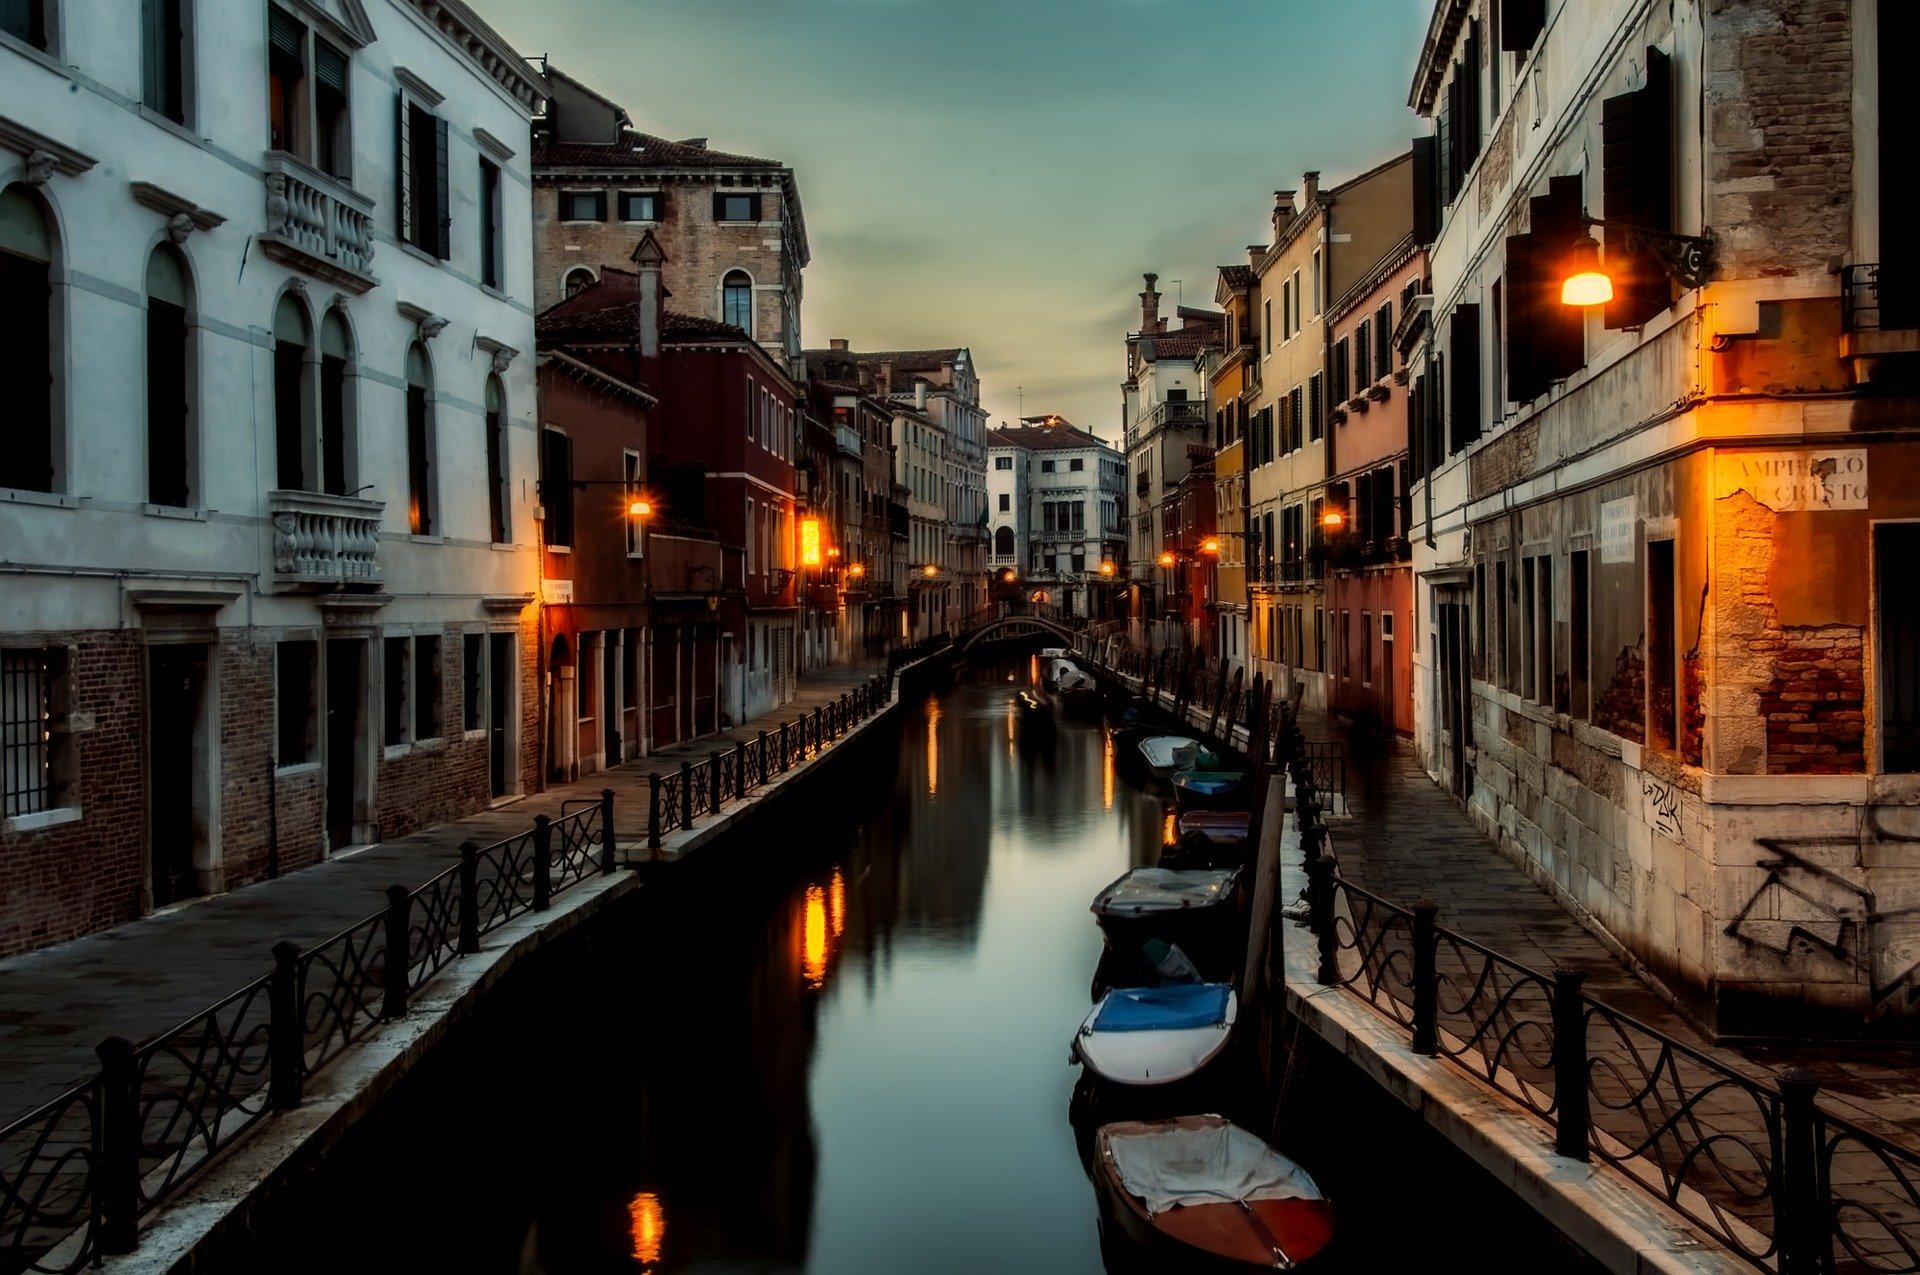 Ekspert WHO: W tym tygodniu możliwy szczyt zakażeń koronawirusem we Włoszech